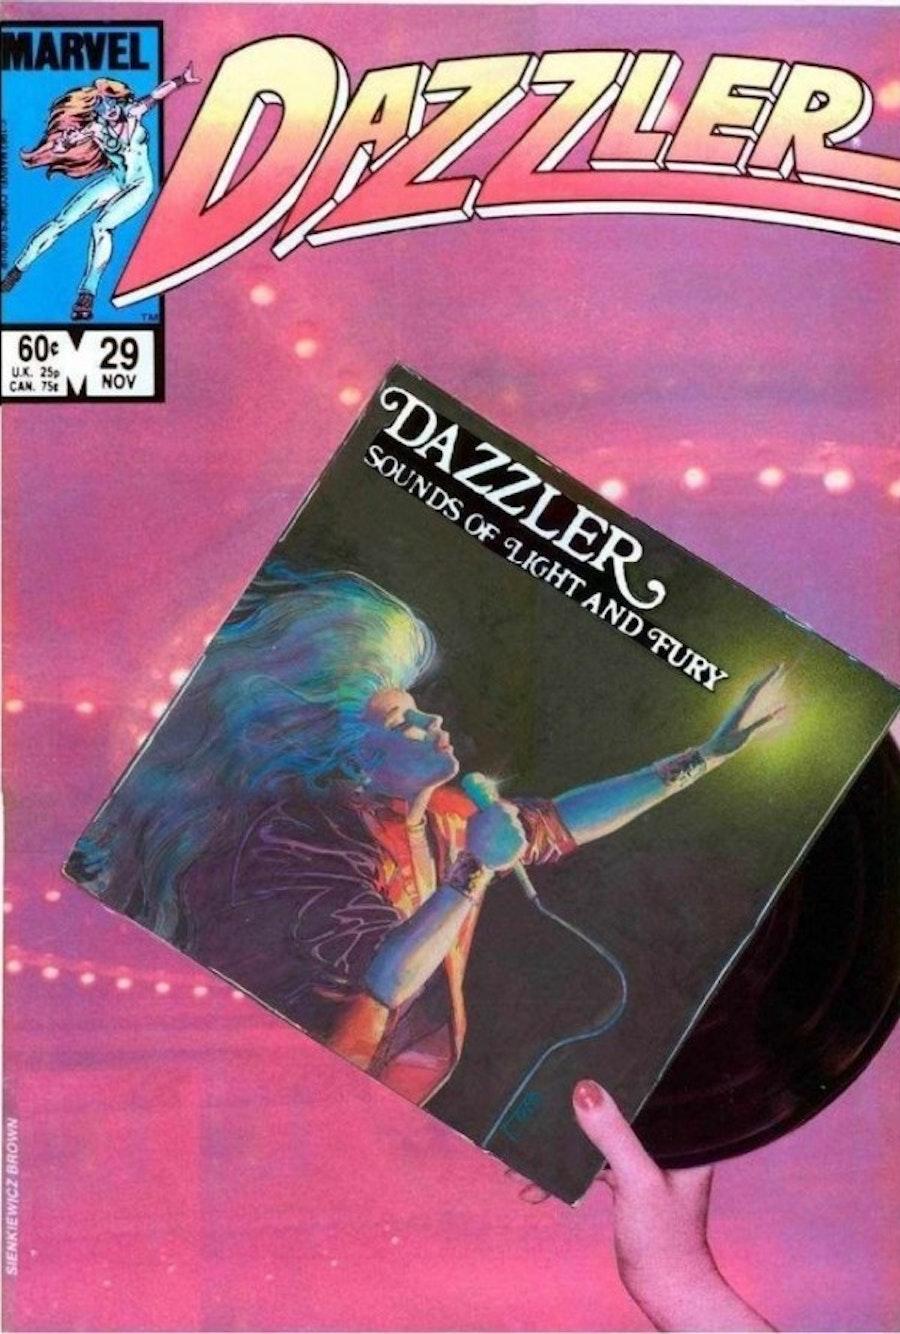 Dazzler Cover by Bill Sienkiewicz